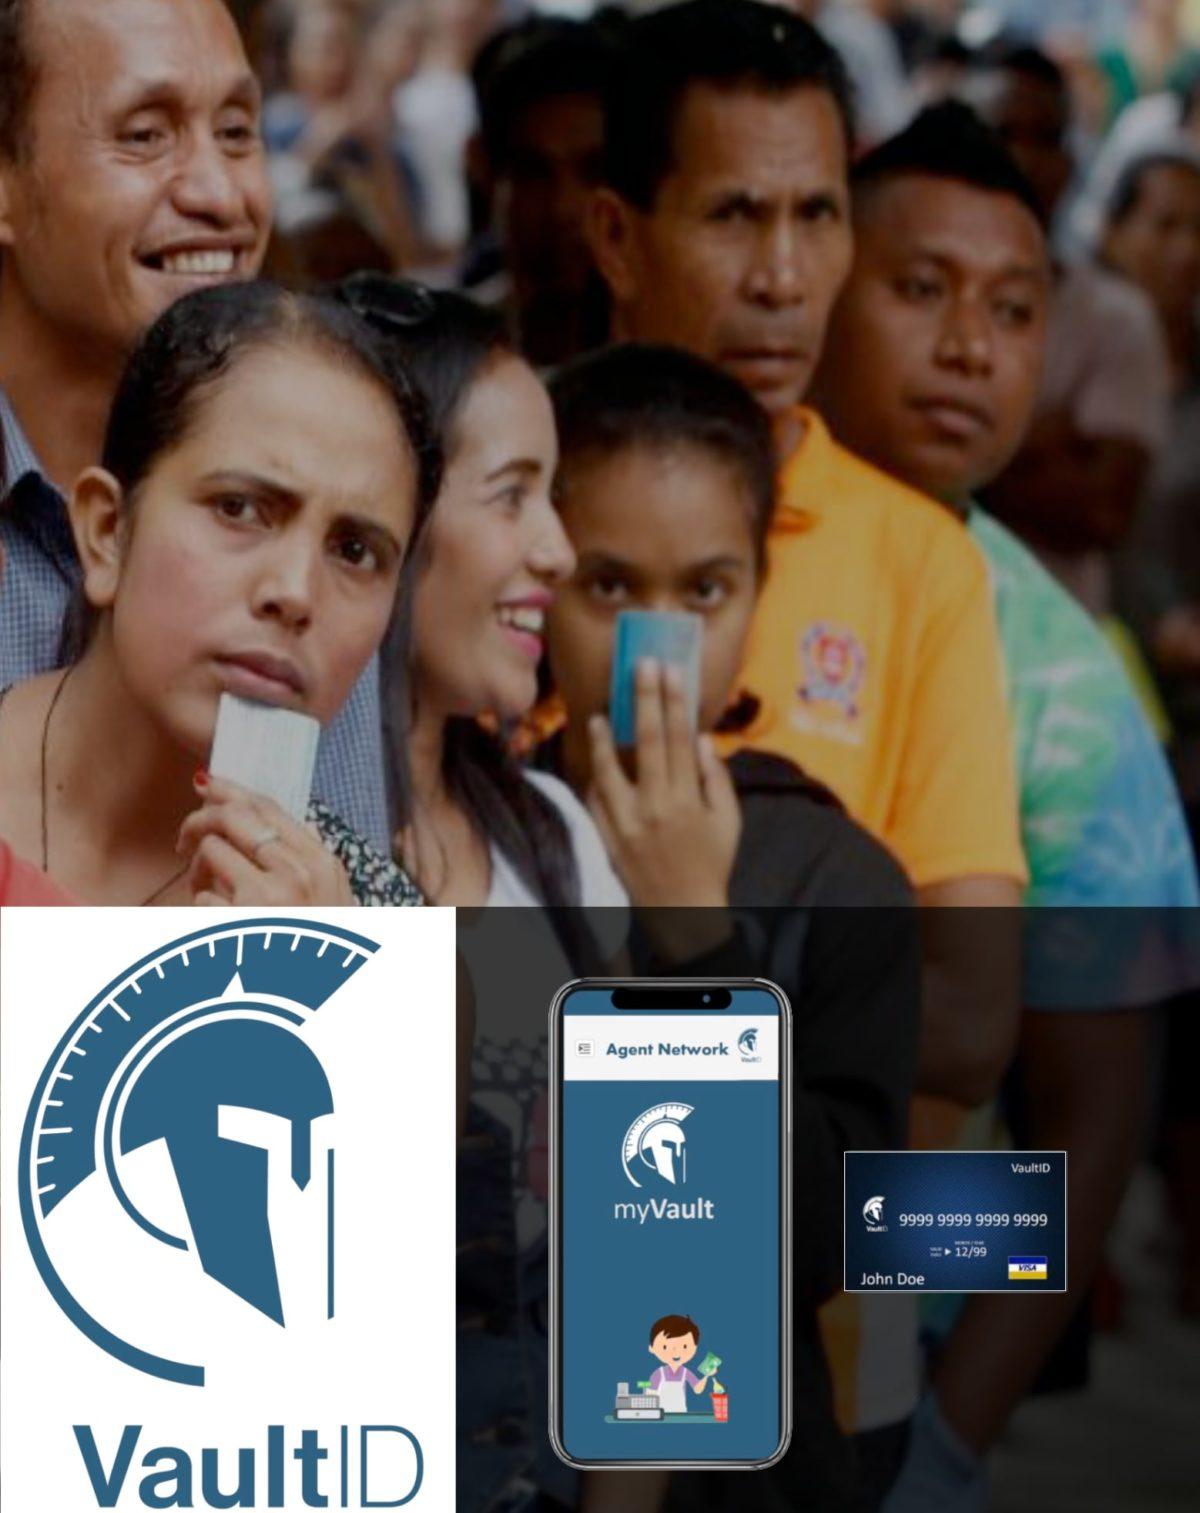 Vault ID enabling eKYC in emerging markets